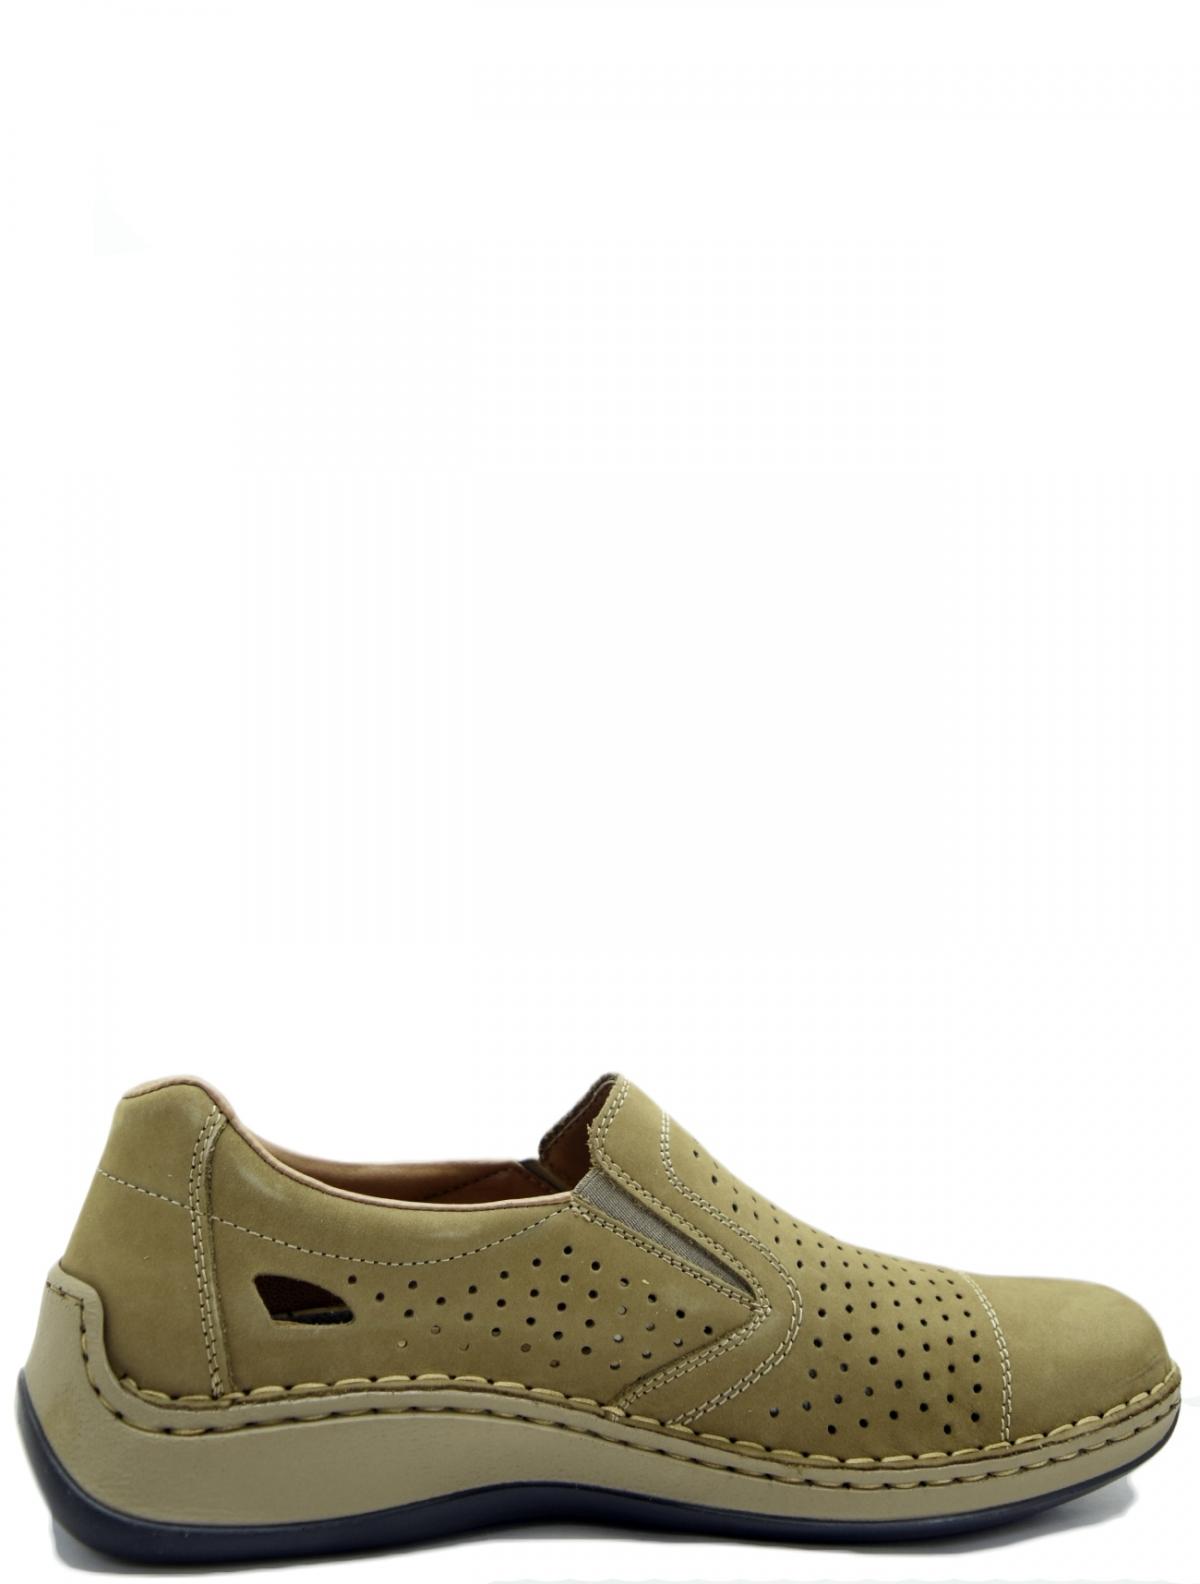 Rieker 05286-64 мужские туфли